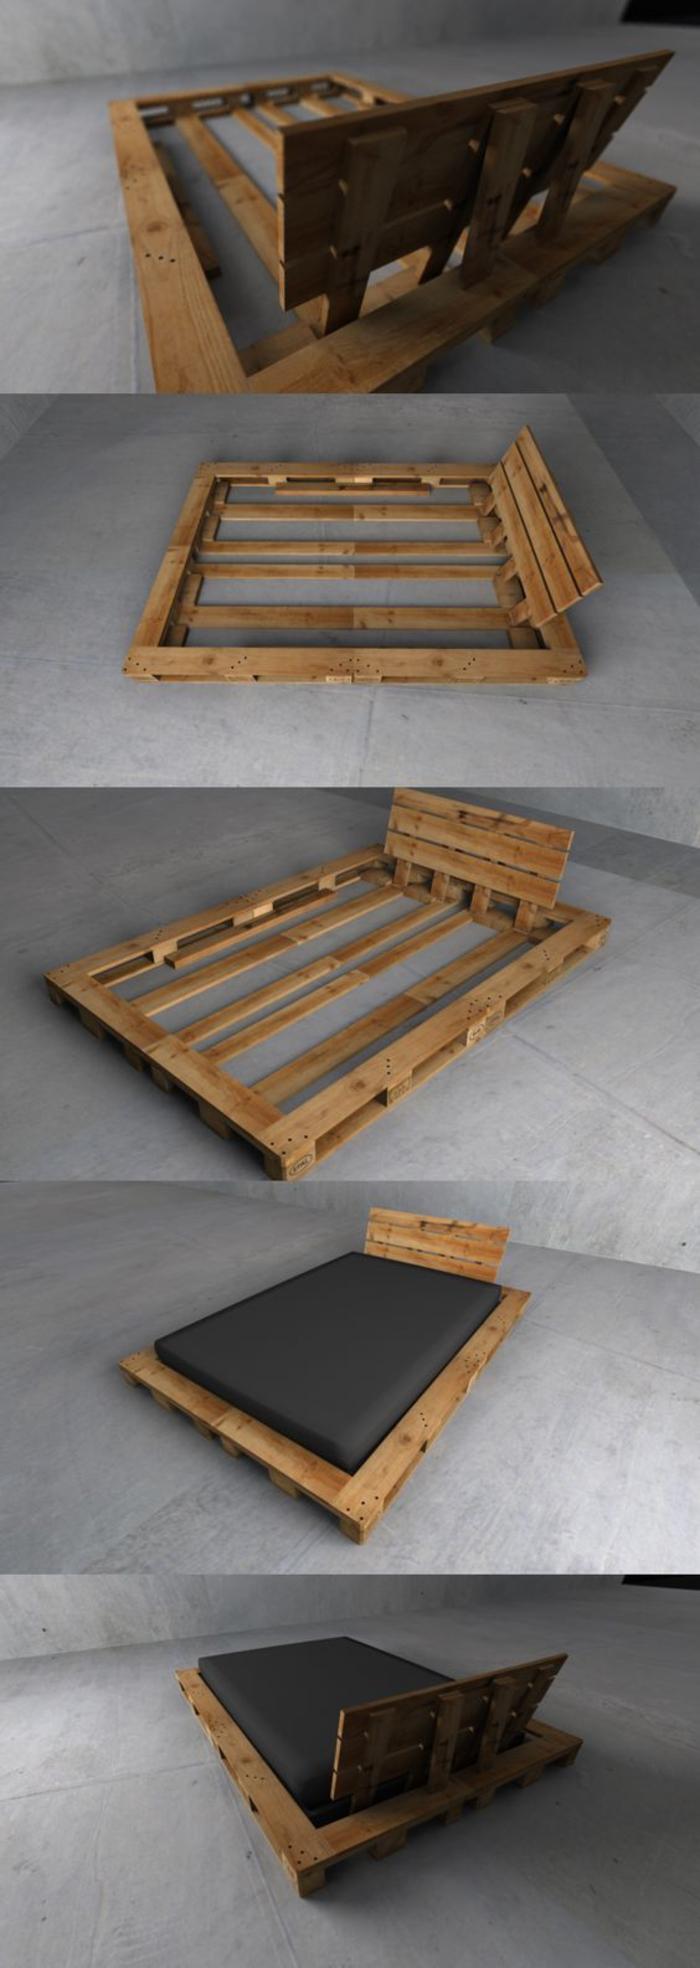 Fabriquer Un Lit En Bois ▷ 1001+ idées comment fabriquer un lit avec des palettes